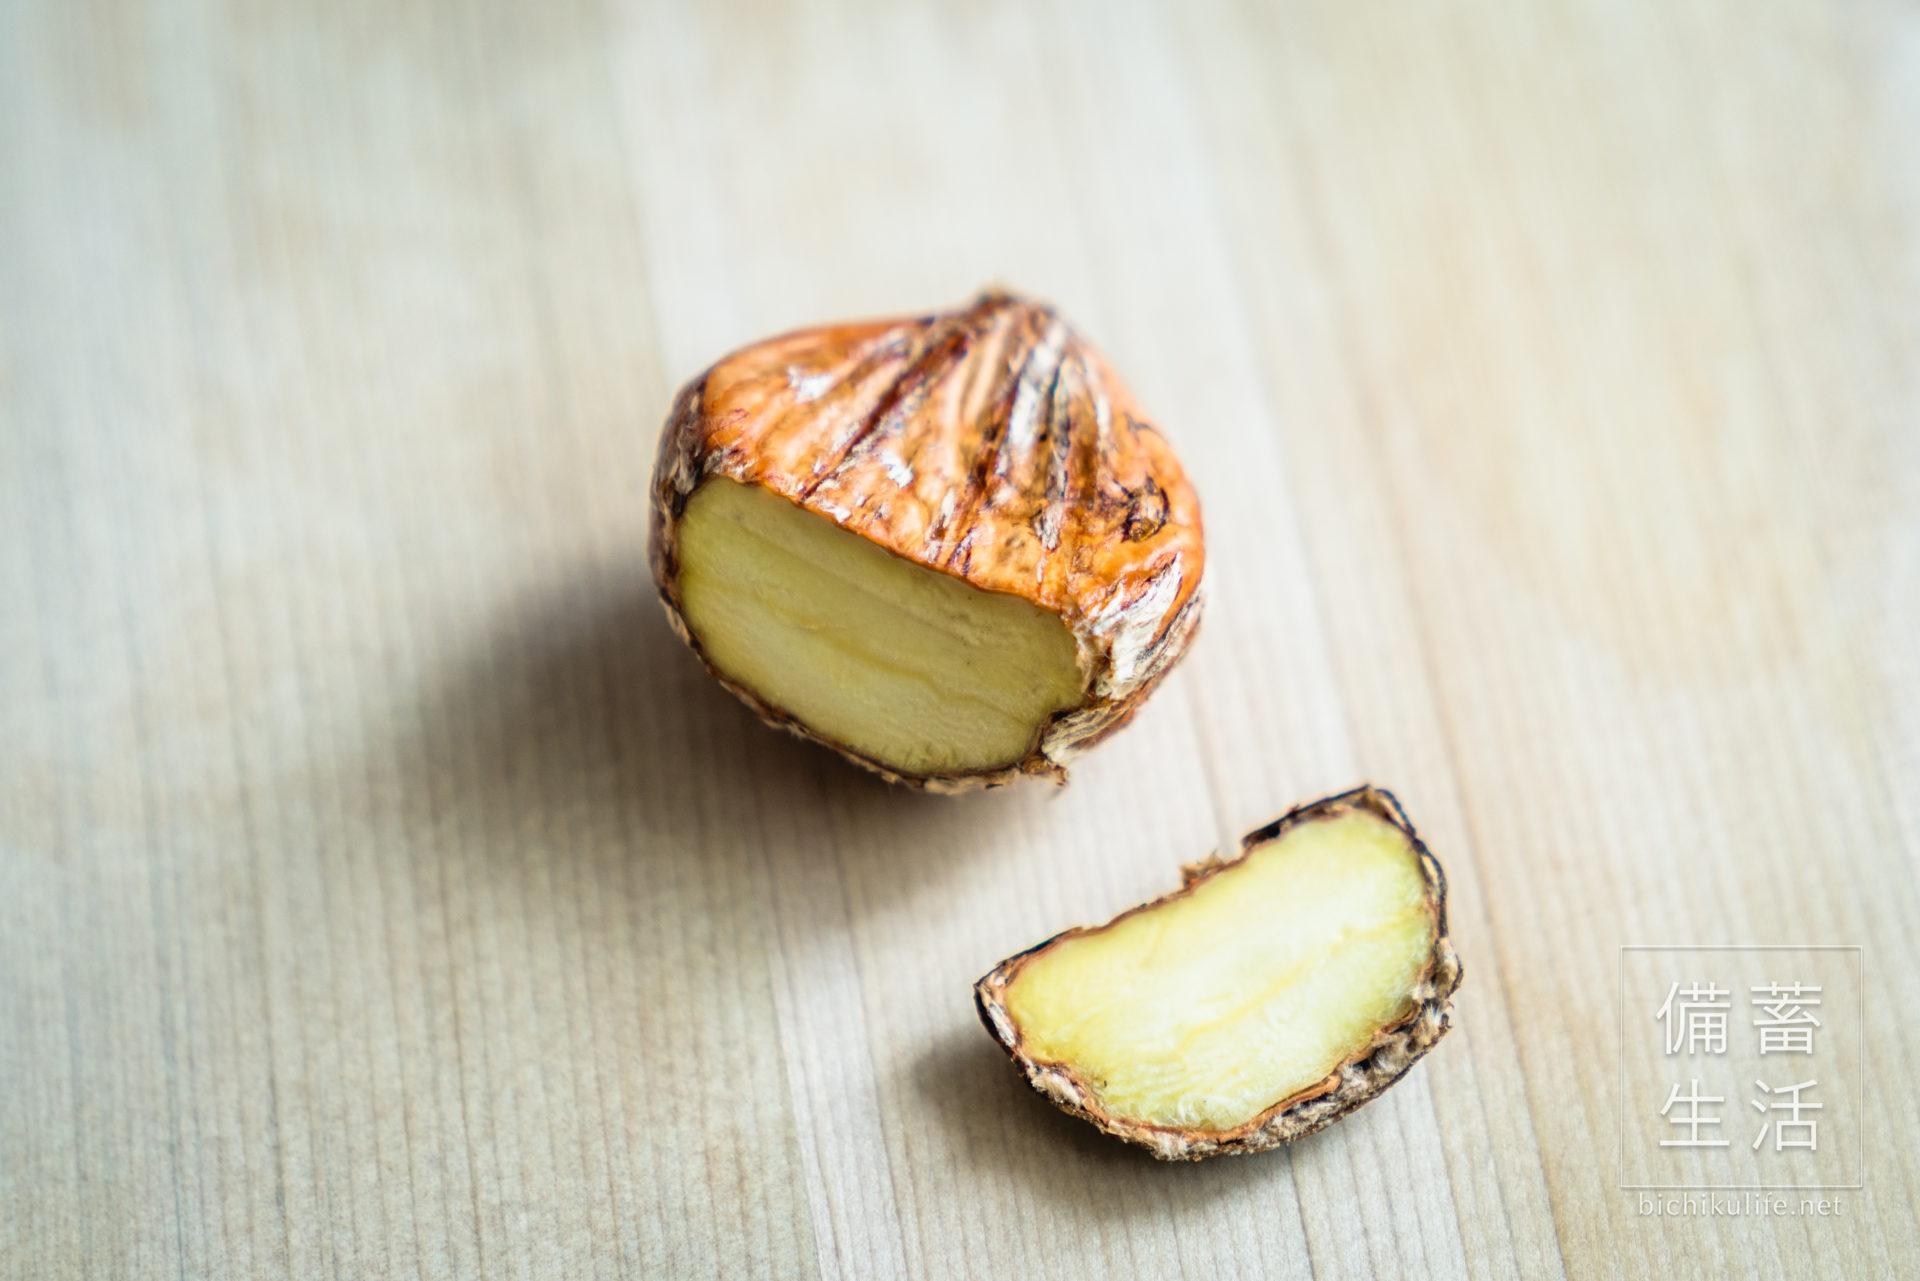 栗ごはんの作り方・レシピ、栗の剥き方